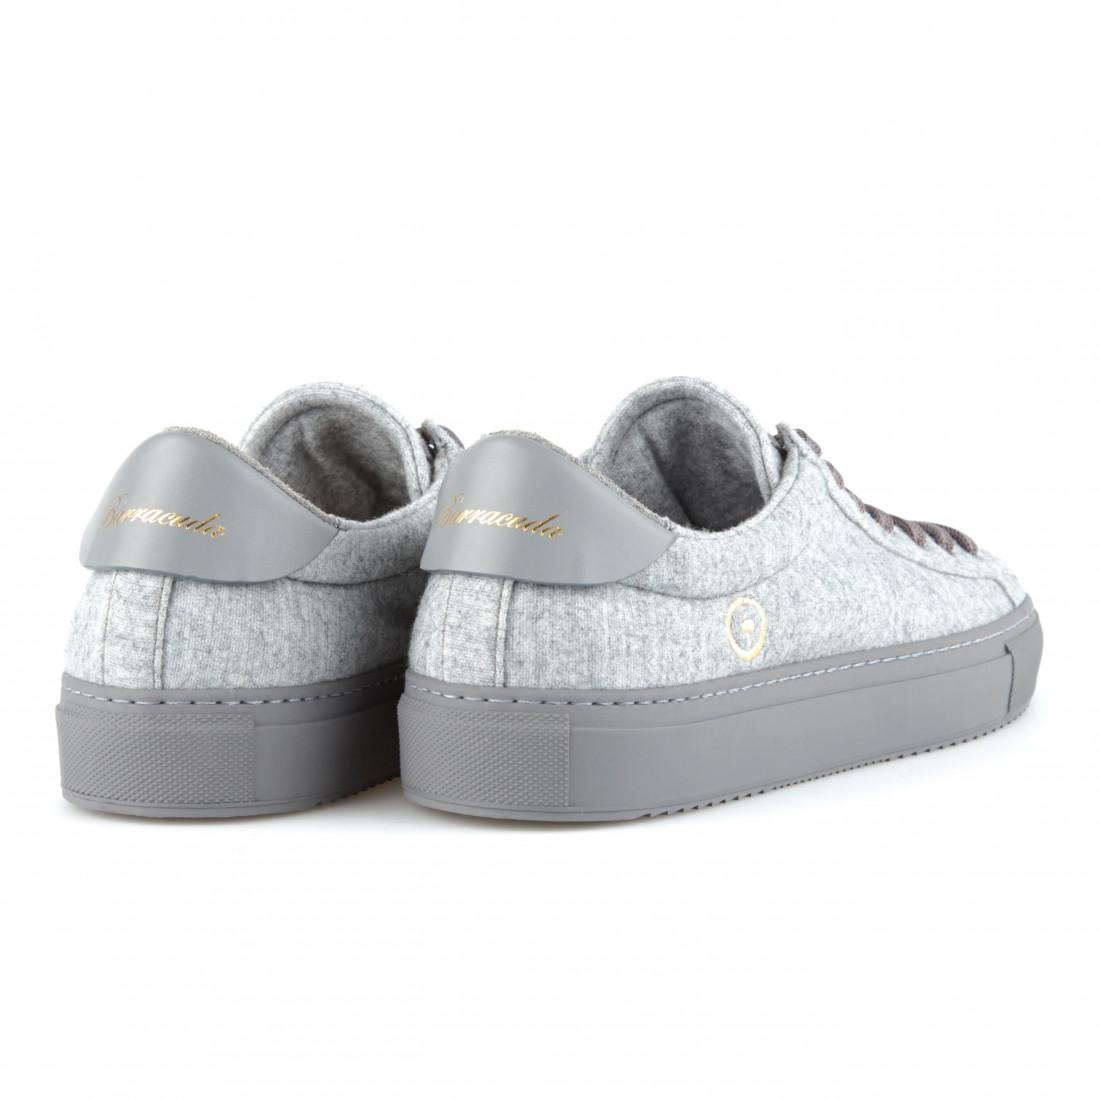 sneakers herren barracuda bu2997a00osate6700 3446